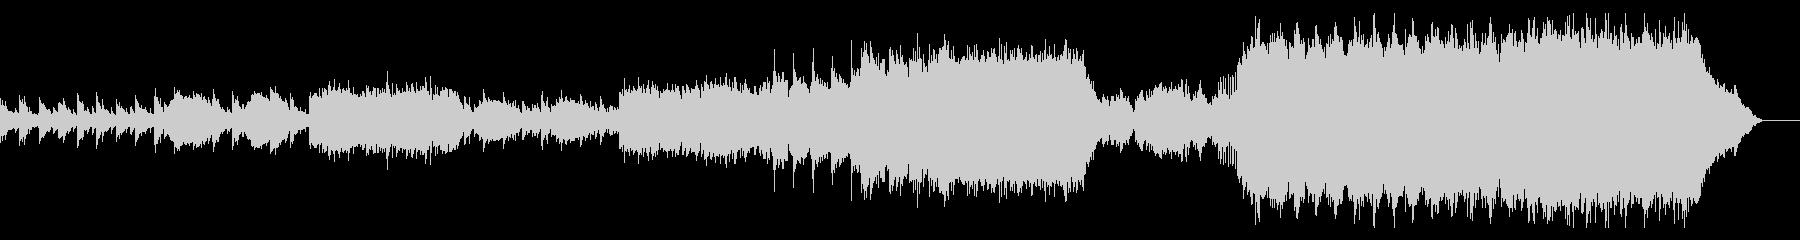 ピアノ×ギターのセンチメンタルな楽曲の未再生の波形